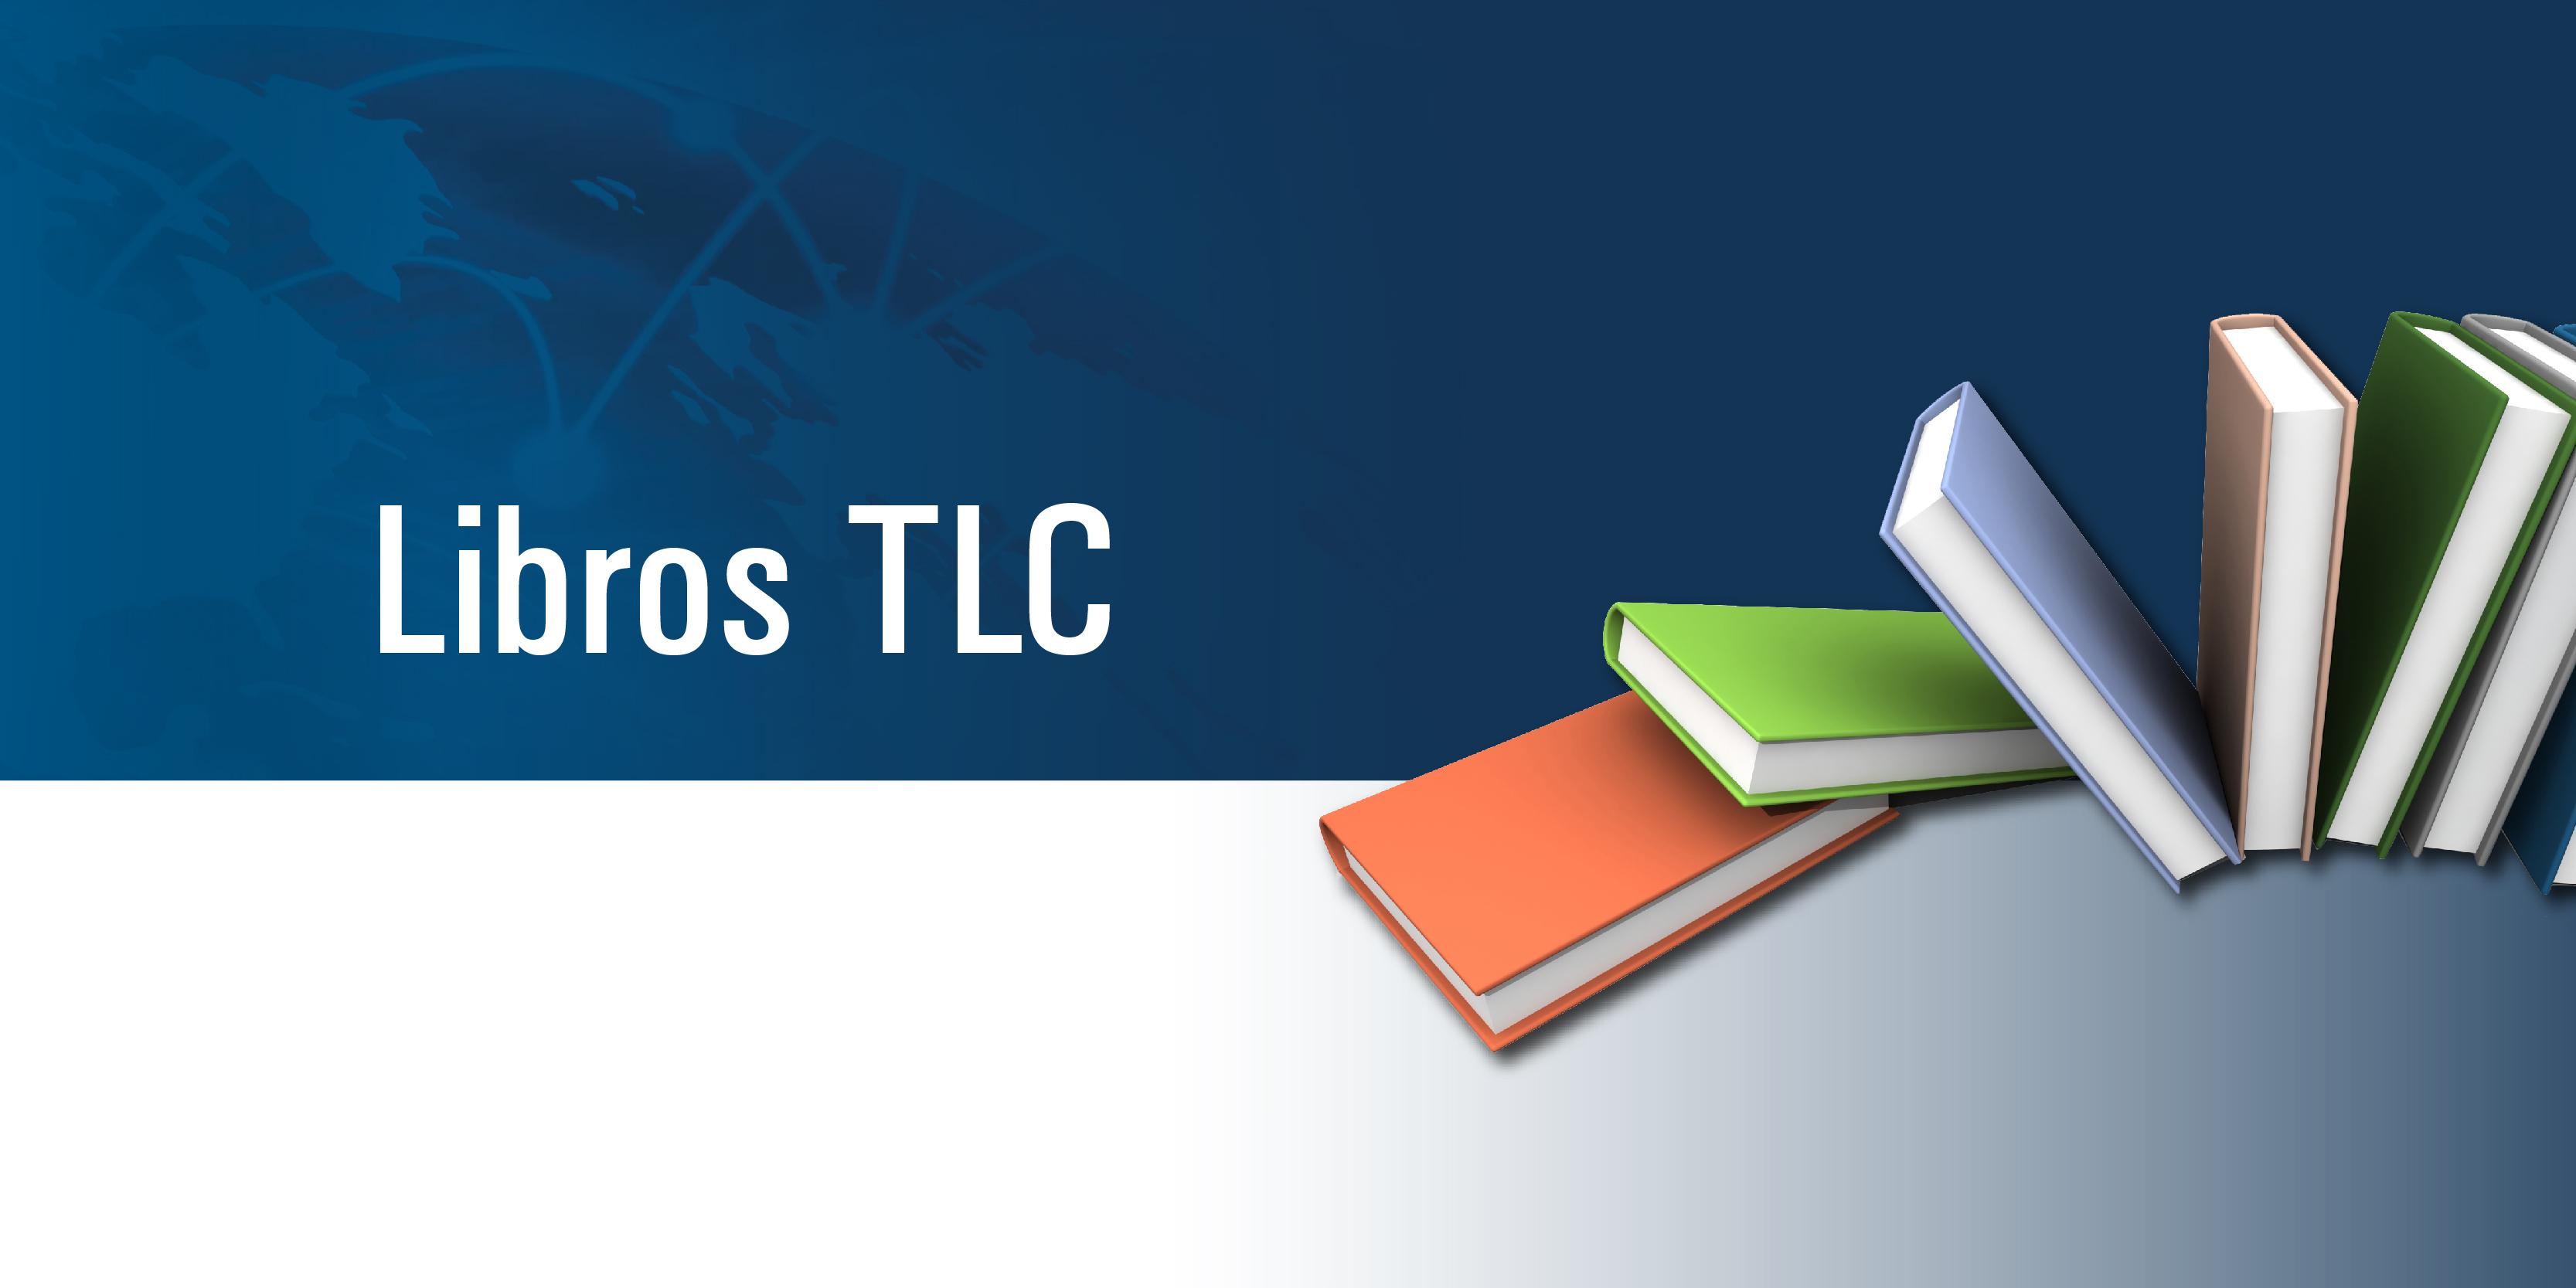 Libros TLC